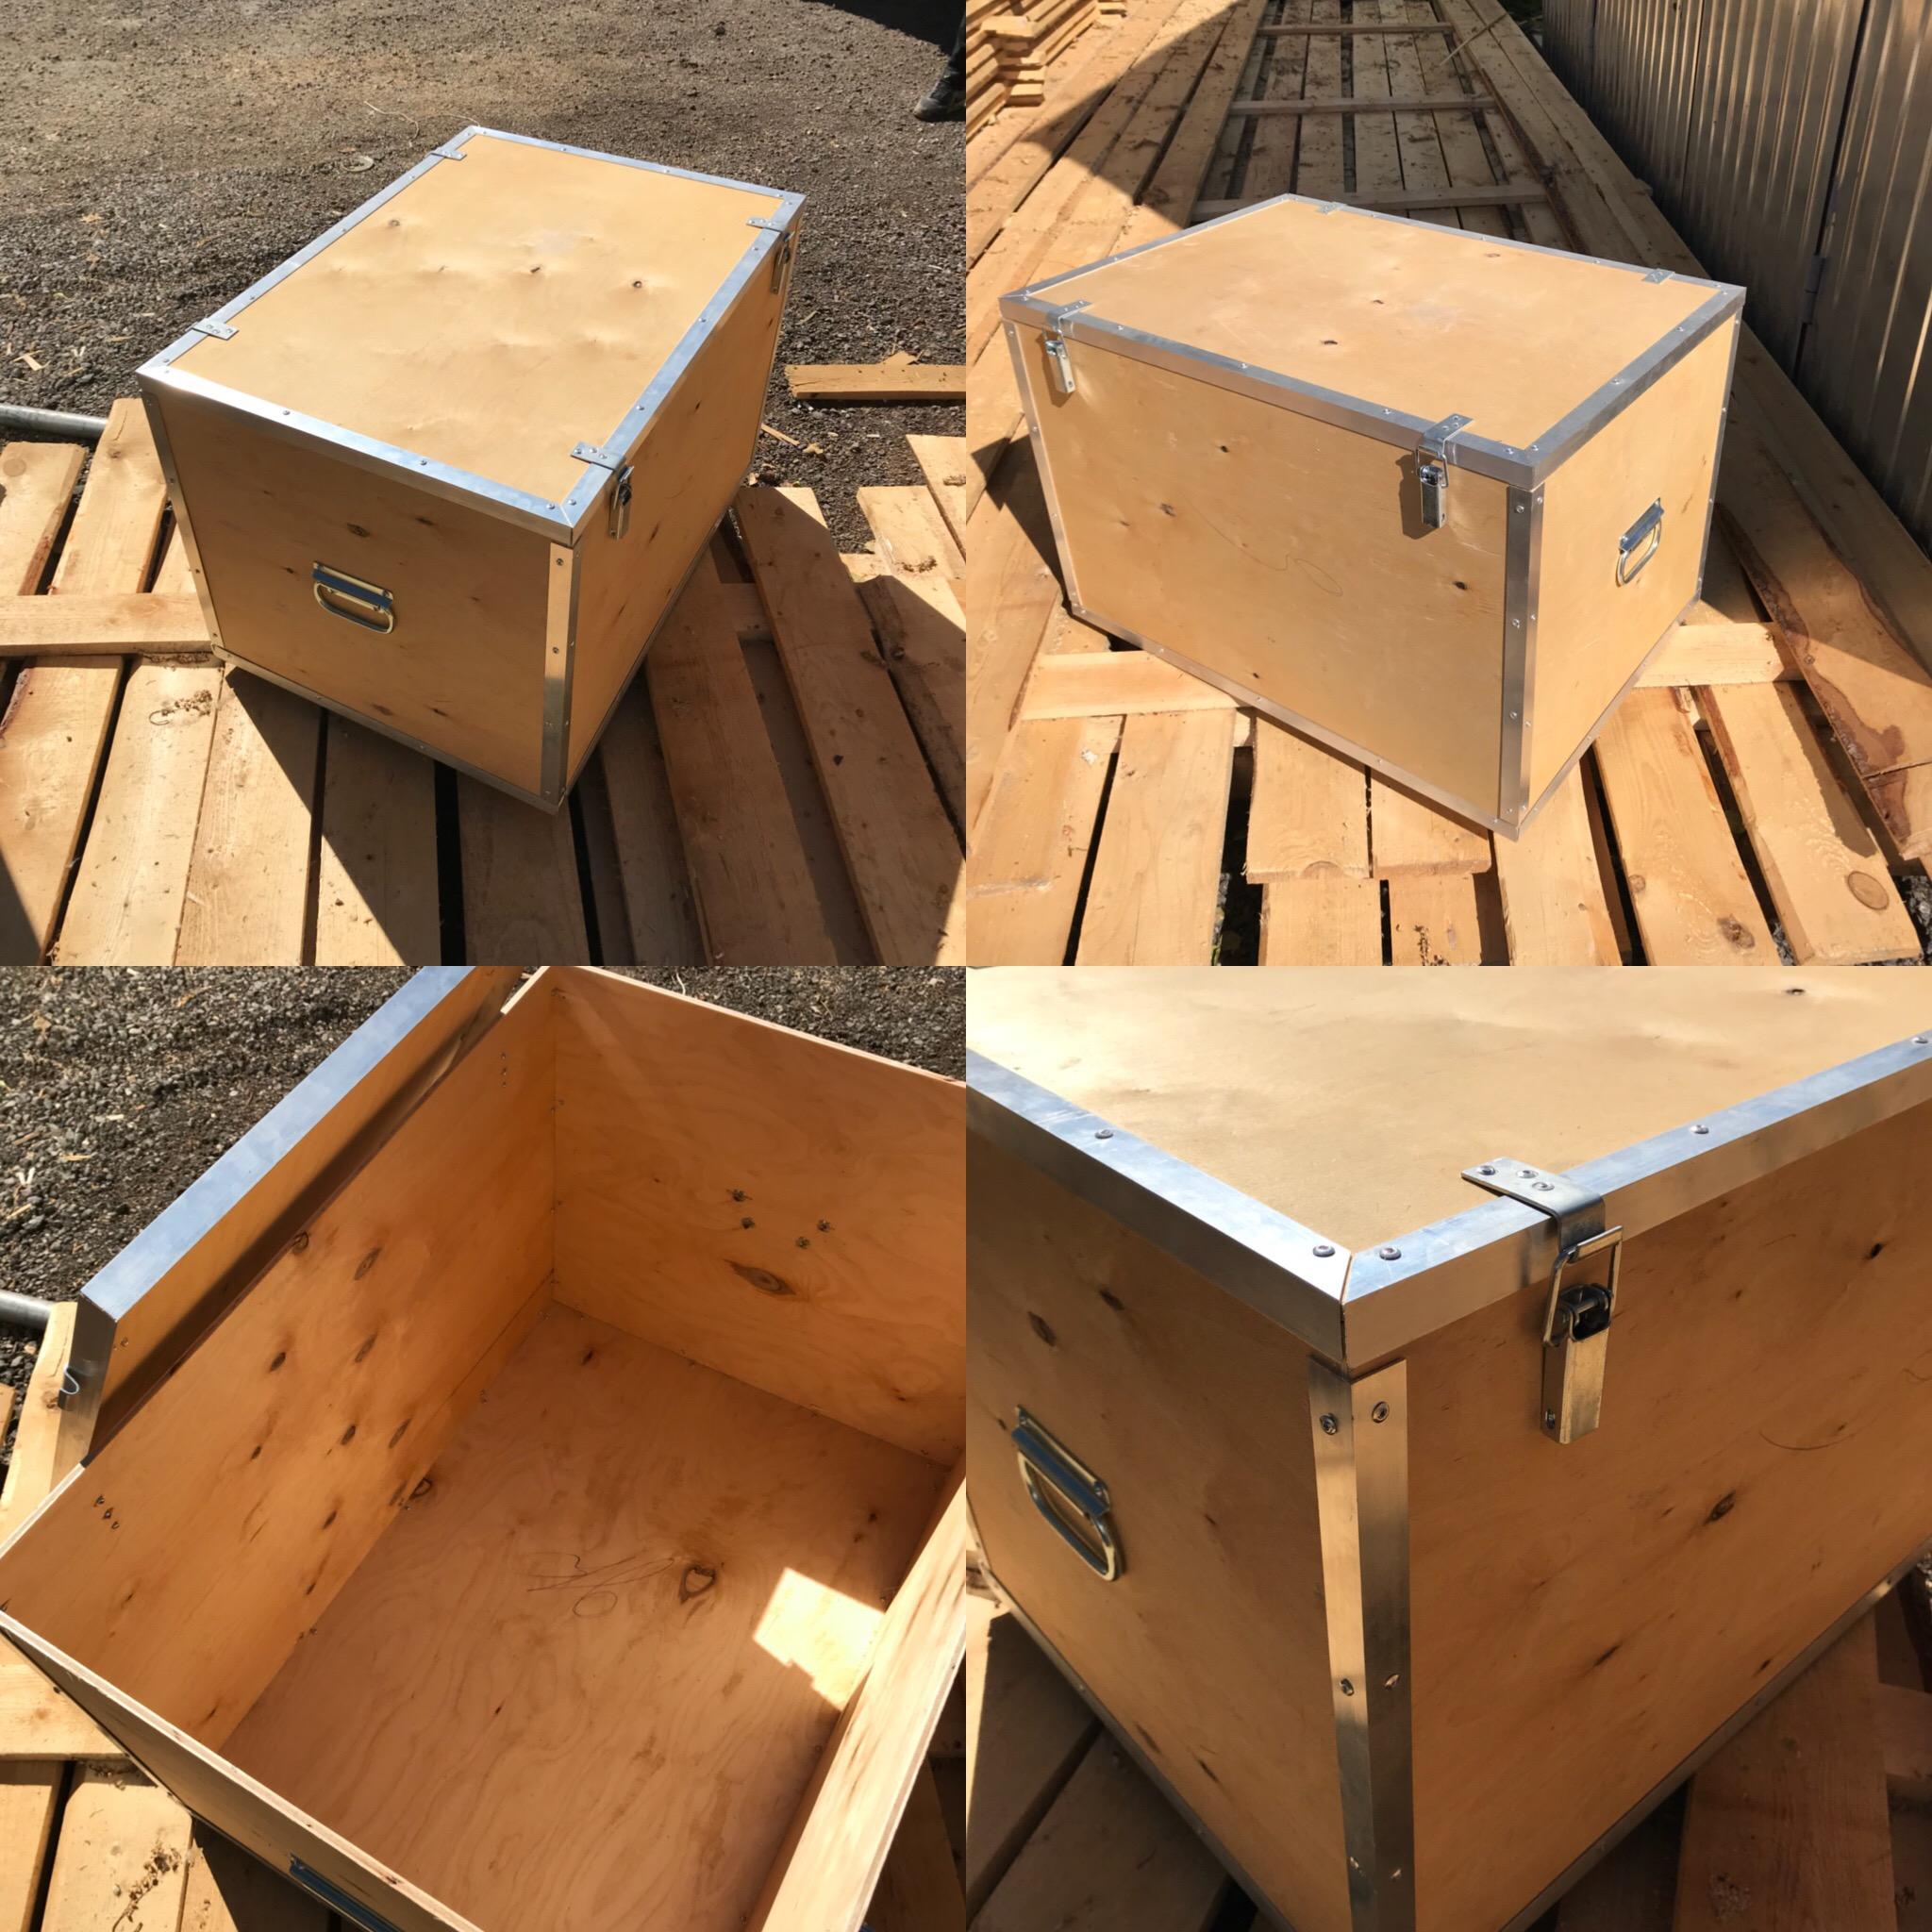 дом фанерный ящик картинка помережаний льону